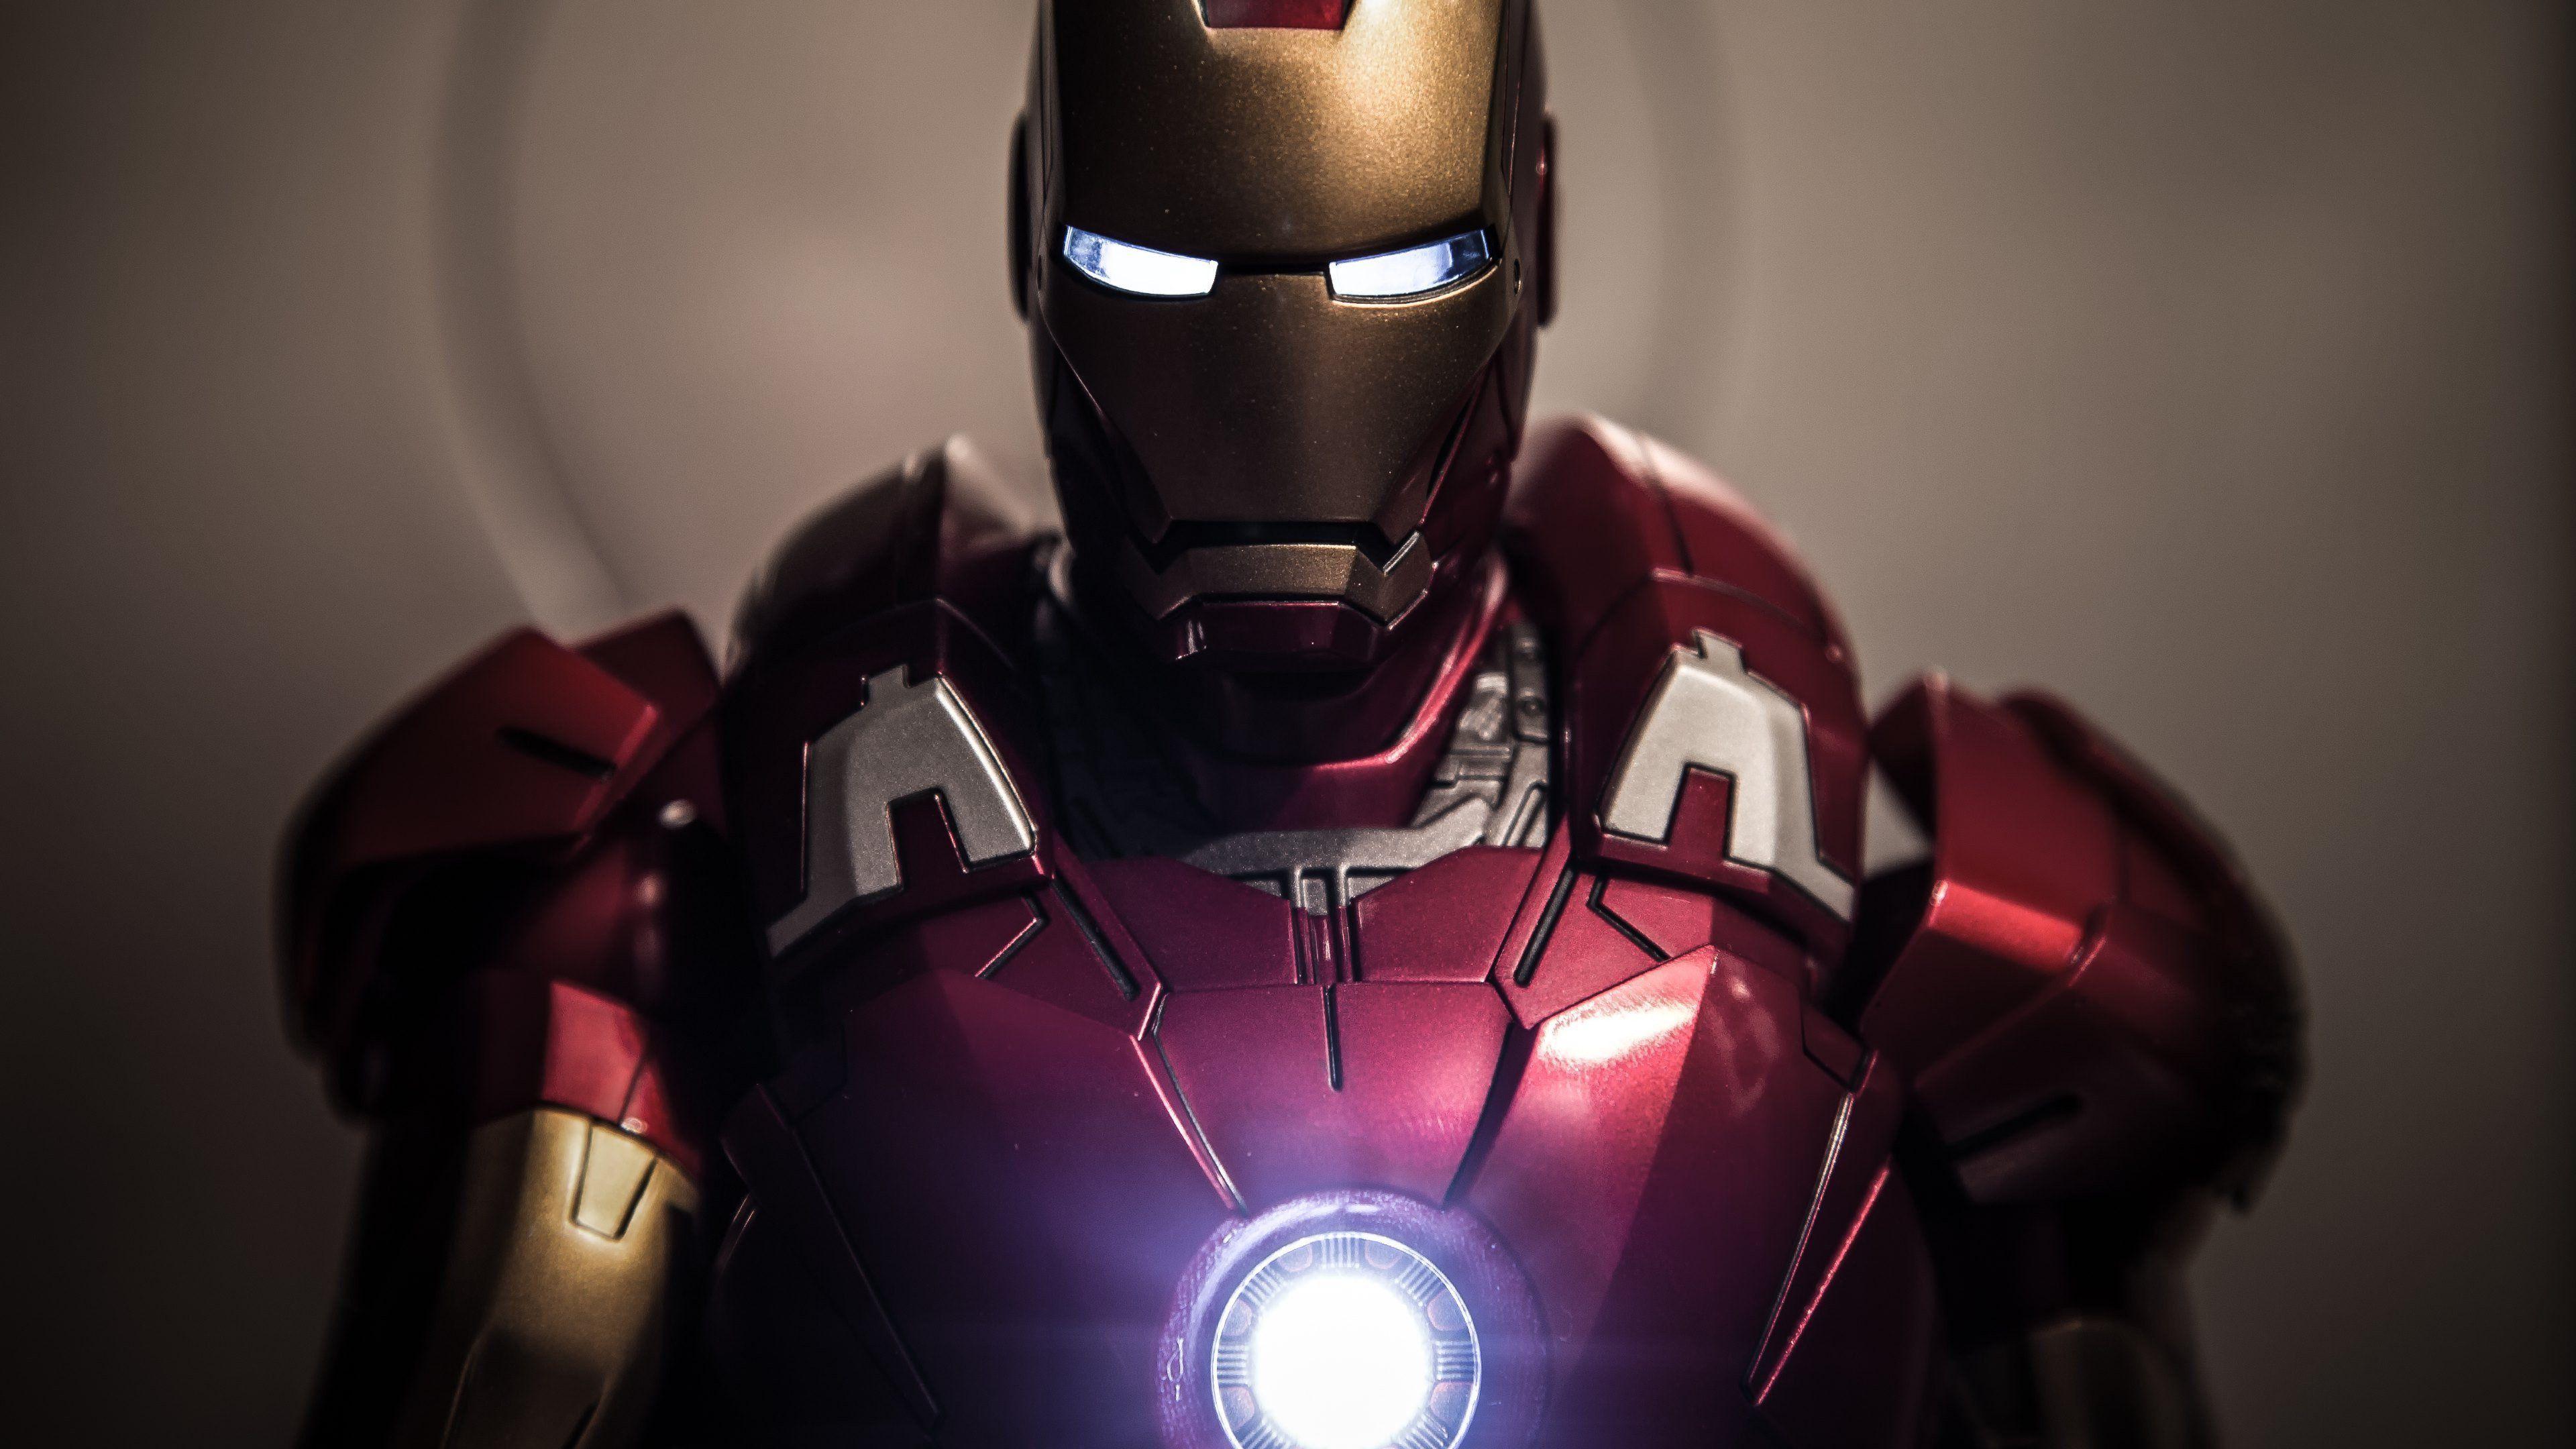 Wallpaper: Iron Man Endgame Suit Wallpaper Download